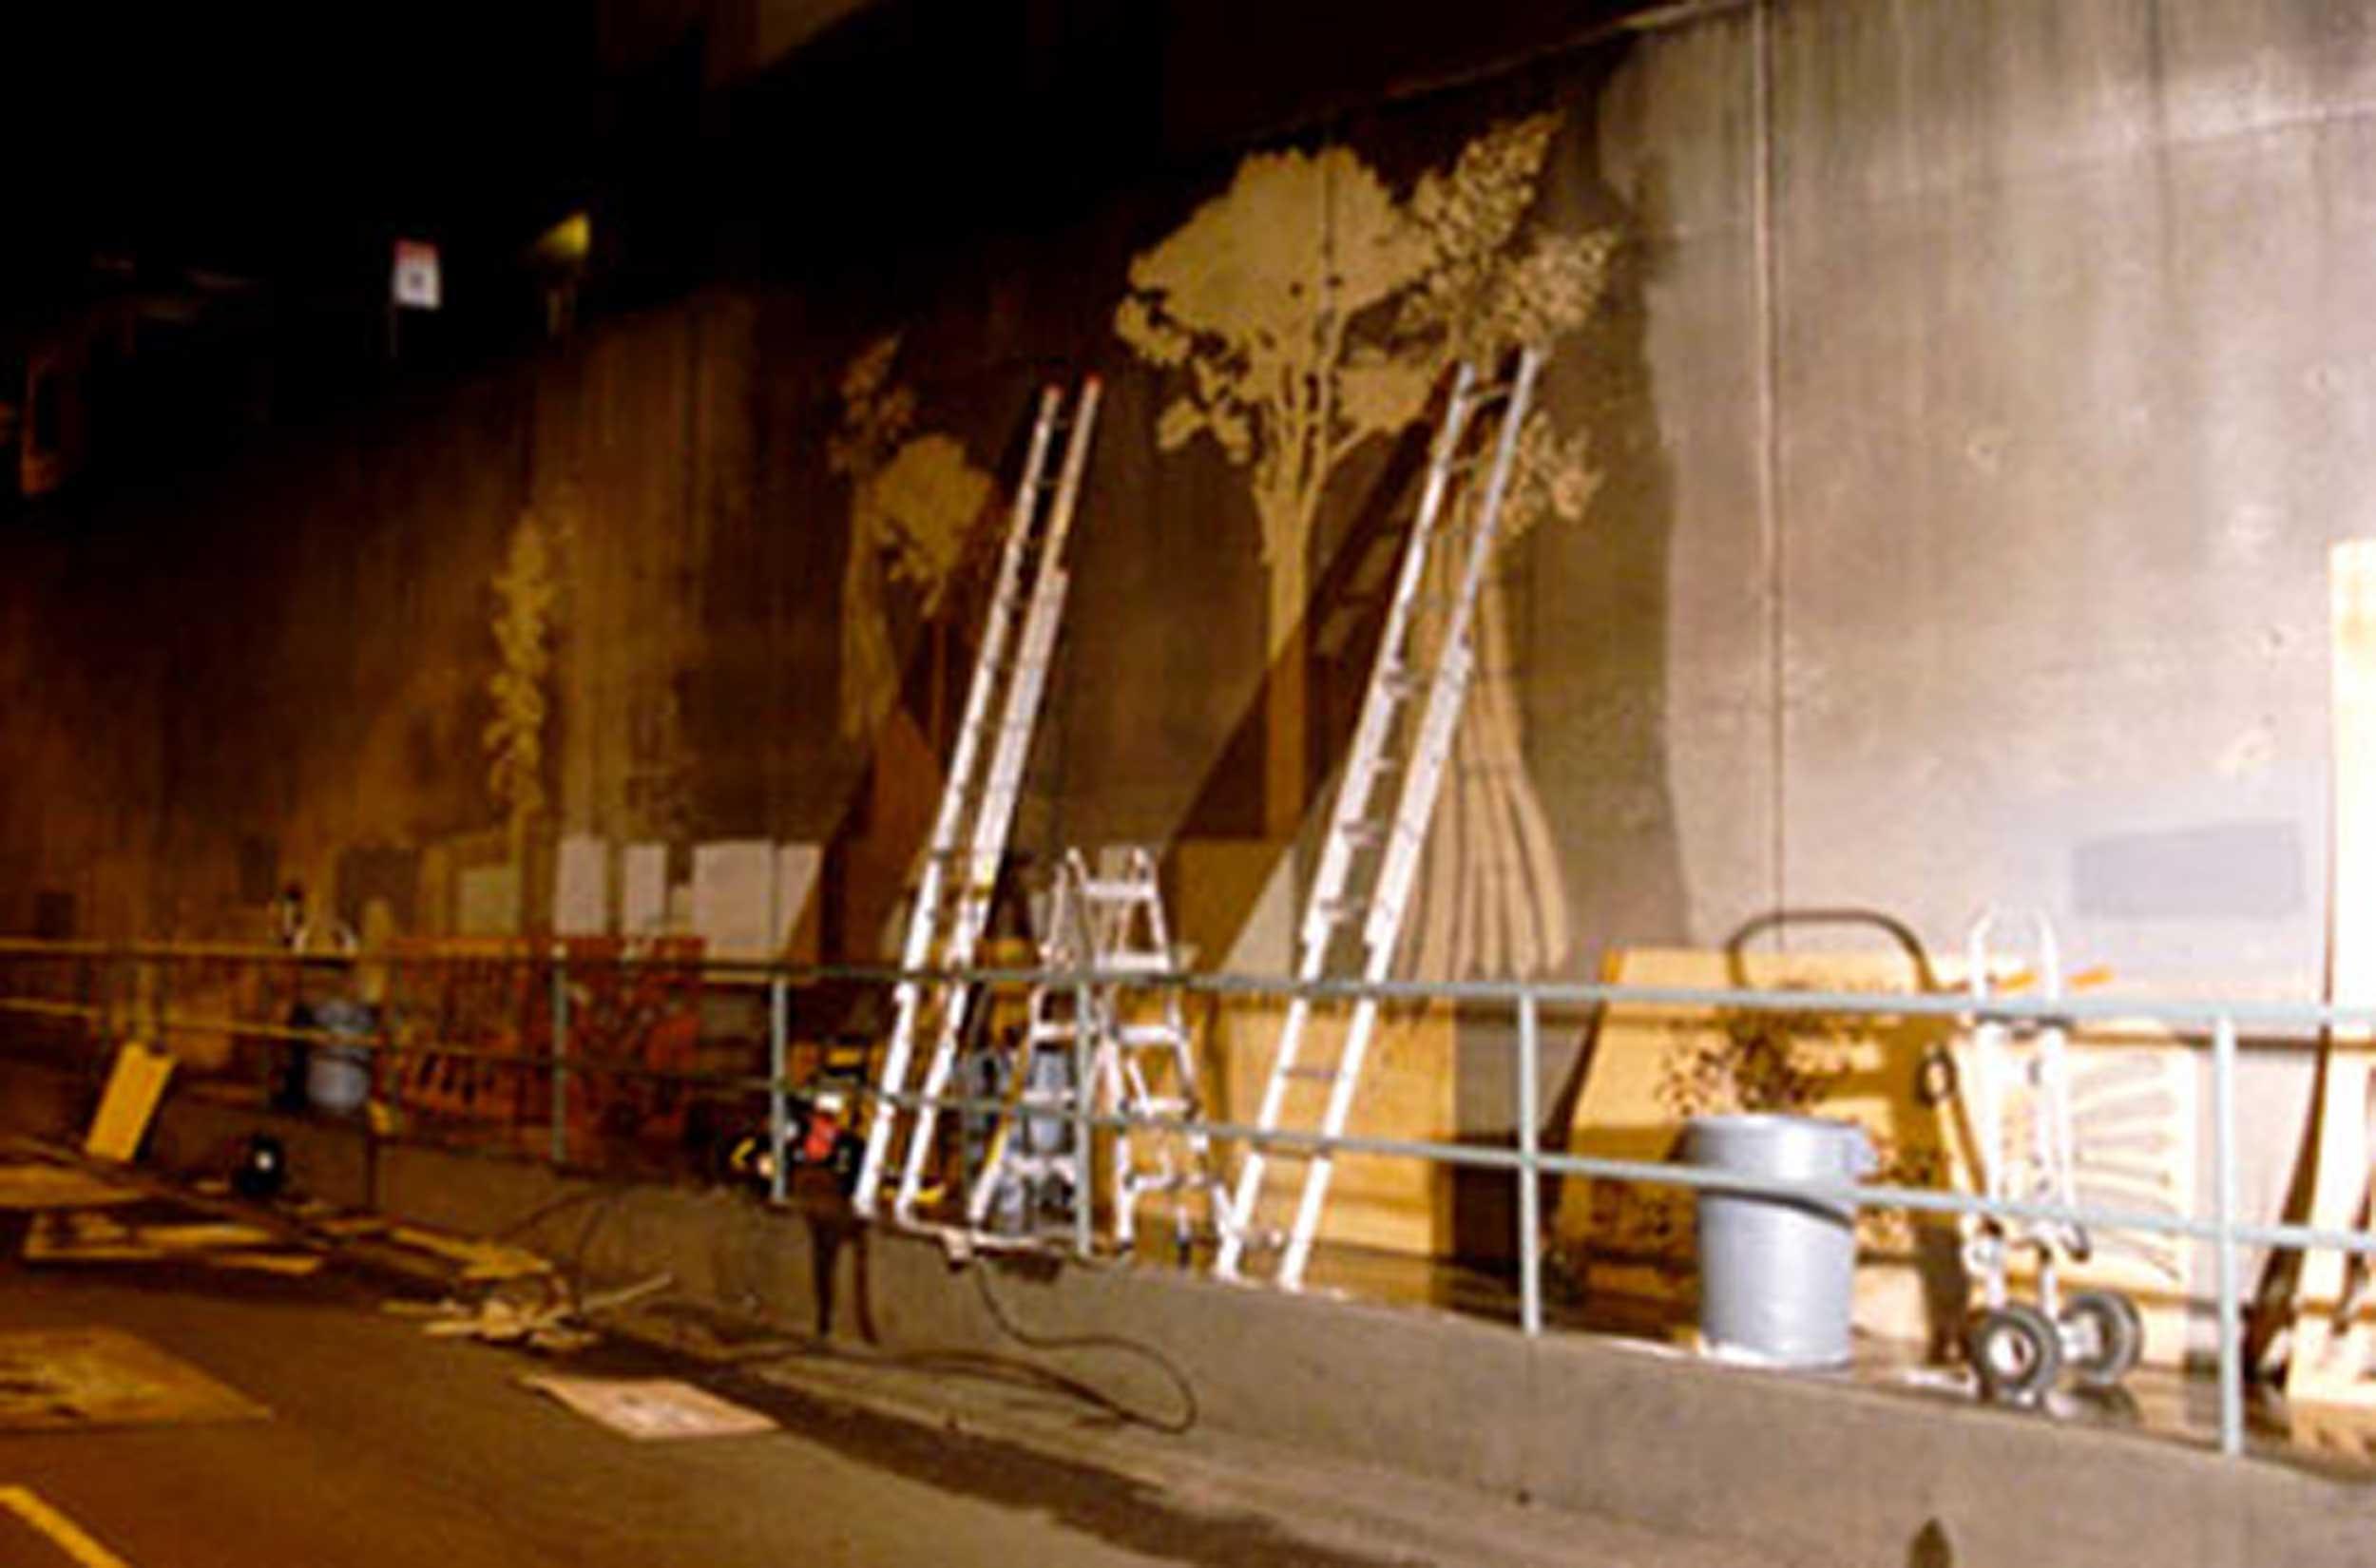 Reverse_Graffiti_Project_2.jpg